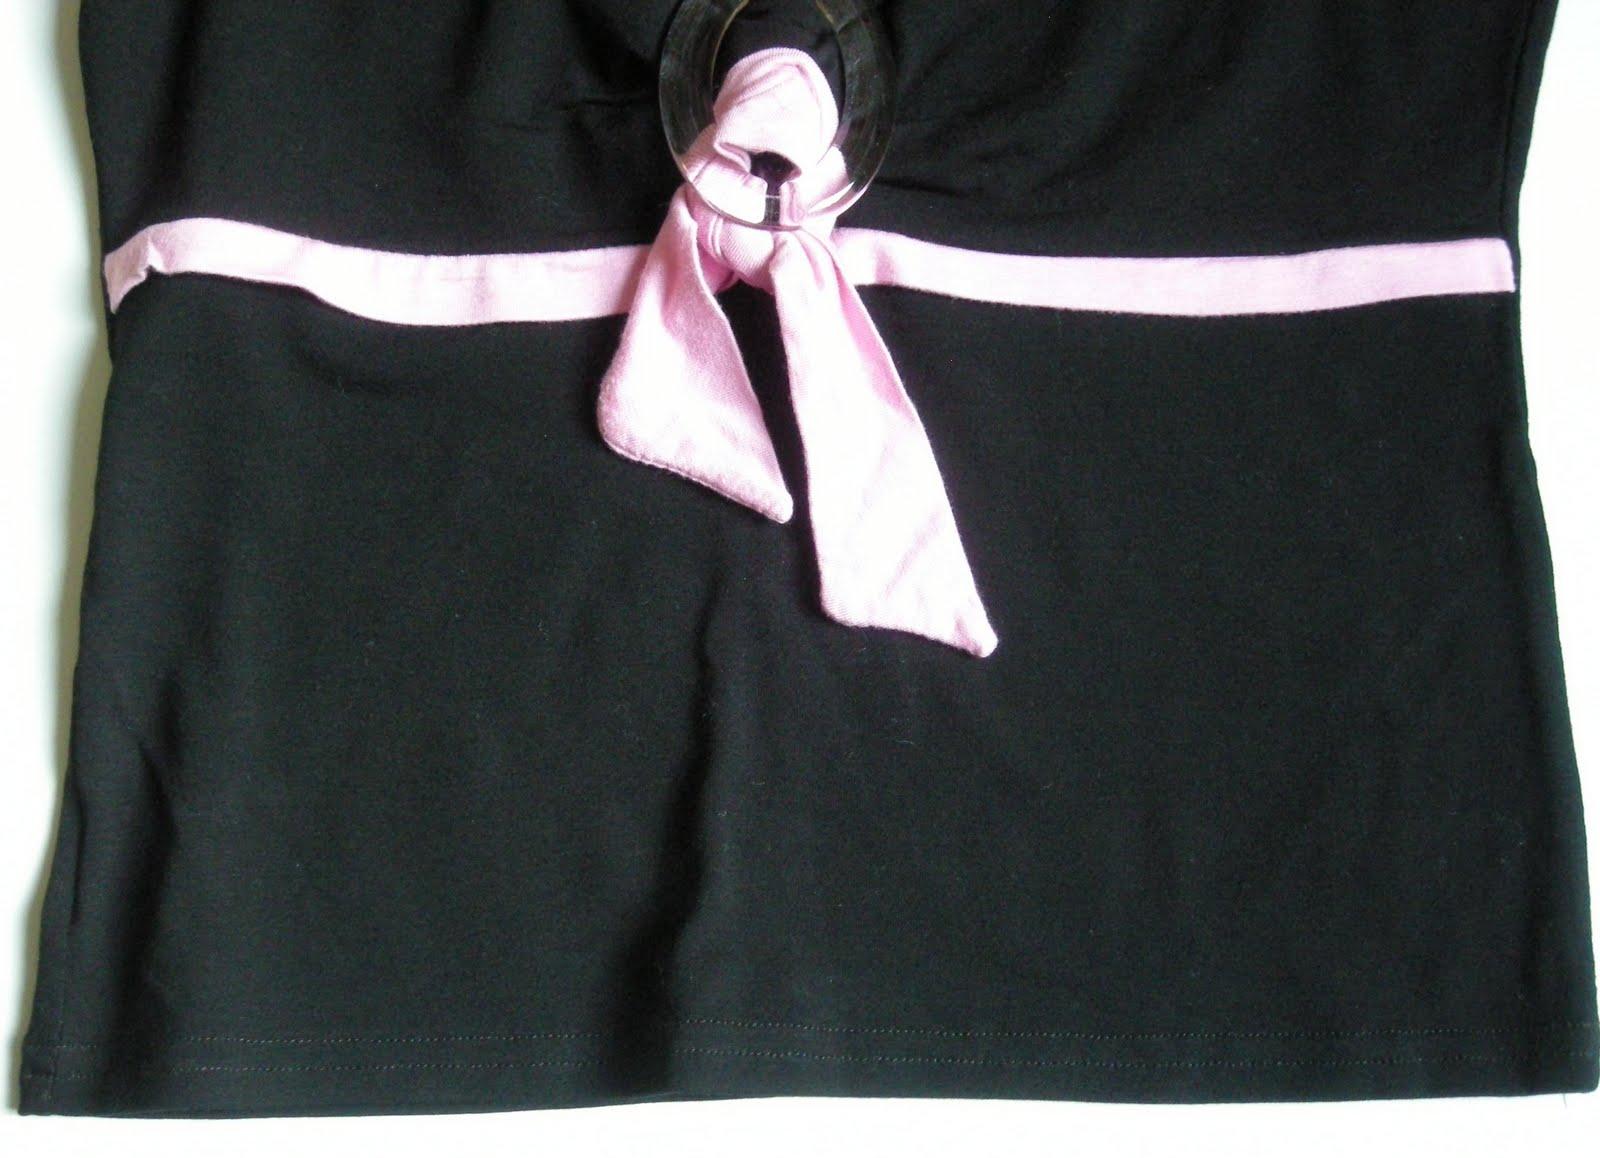 haut soirée pas cher dans vide dressing de Flora : RECTANGLE BLANC - Haut noir et rose - T2 - NEUF